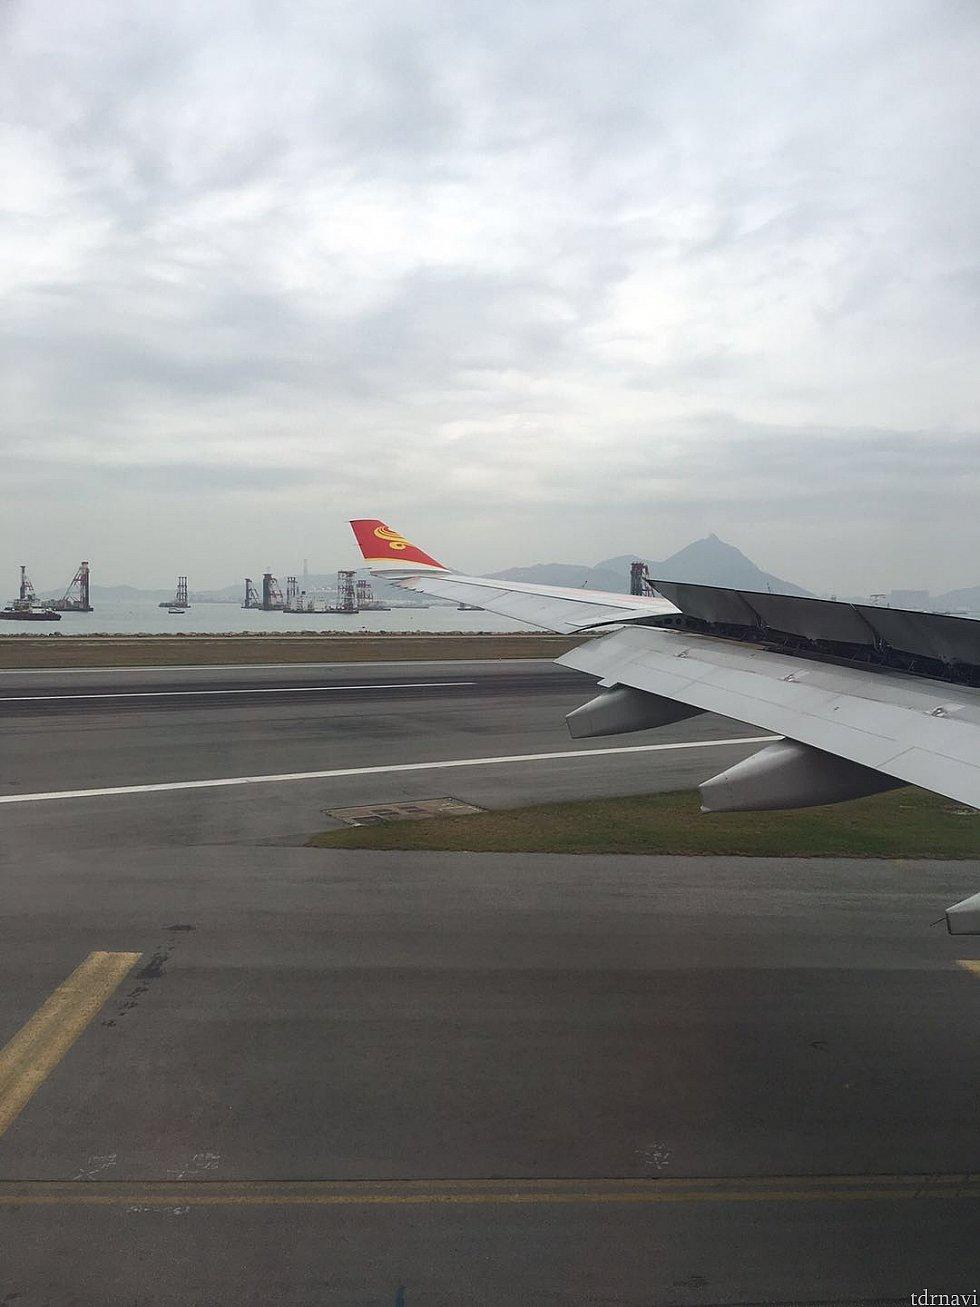 機内の雑誌などを読んでいるうちに香港に到着。 揺れもほとんど無く快適でした。